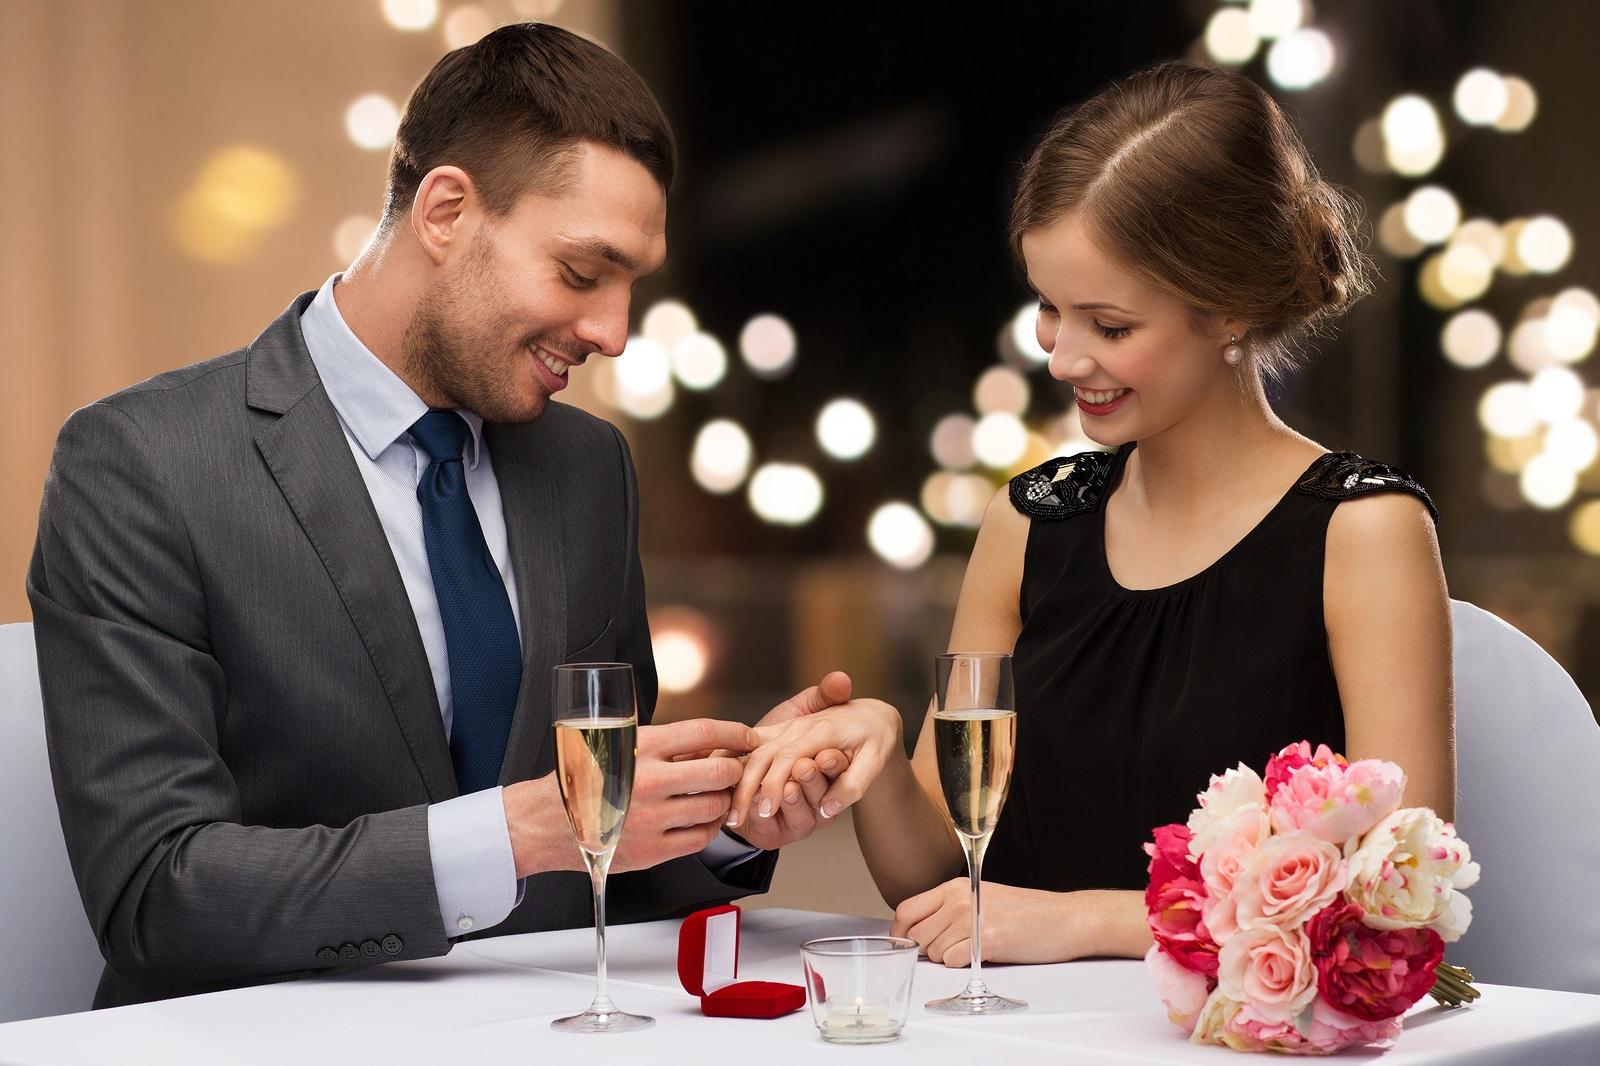 engagement-couple-dinner.jpg